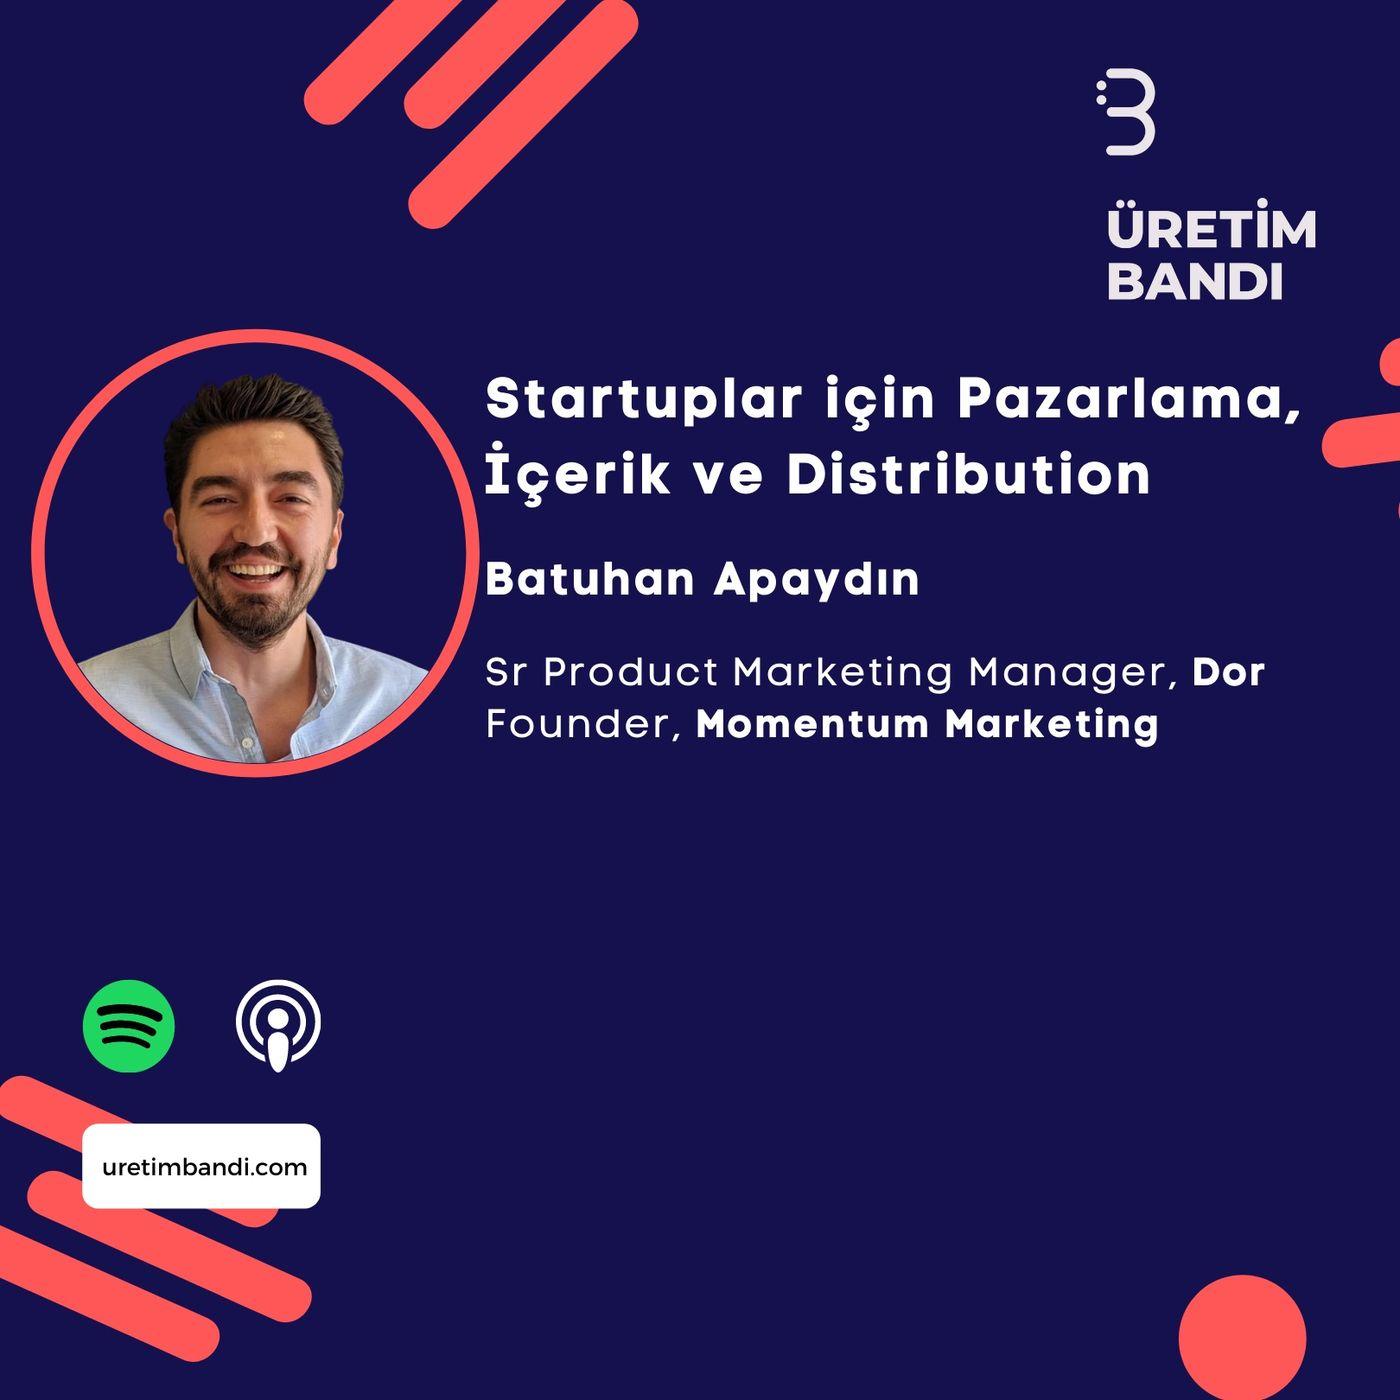 Batuhan Apaydın ile Startuplar için Pazarlama, İçerik ve Distribution